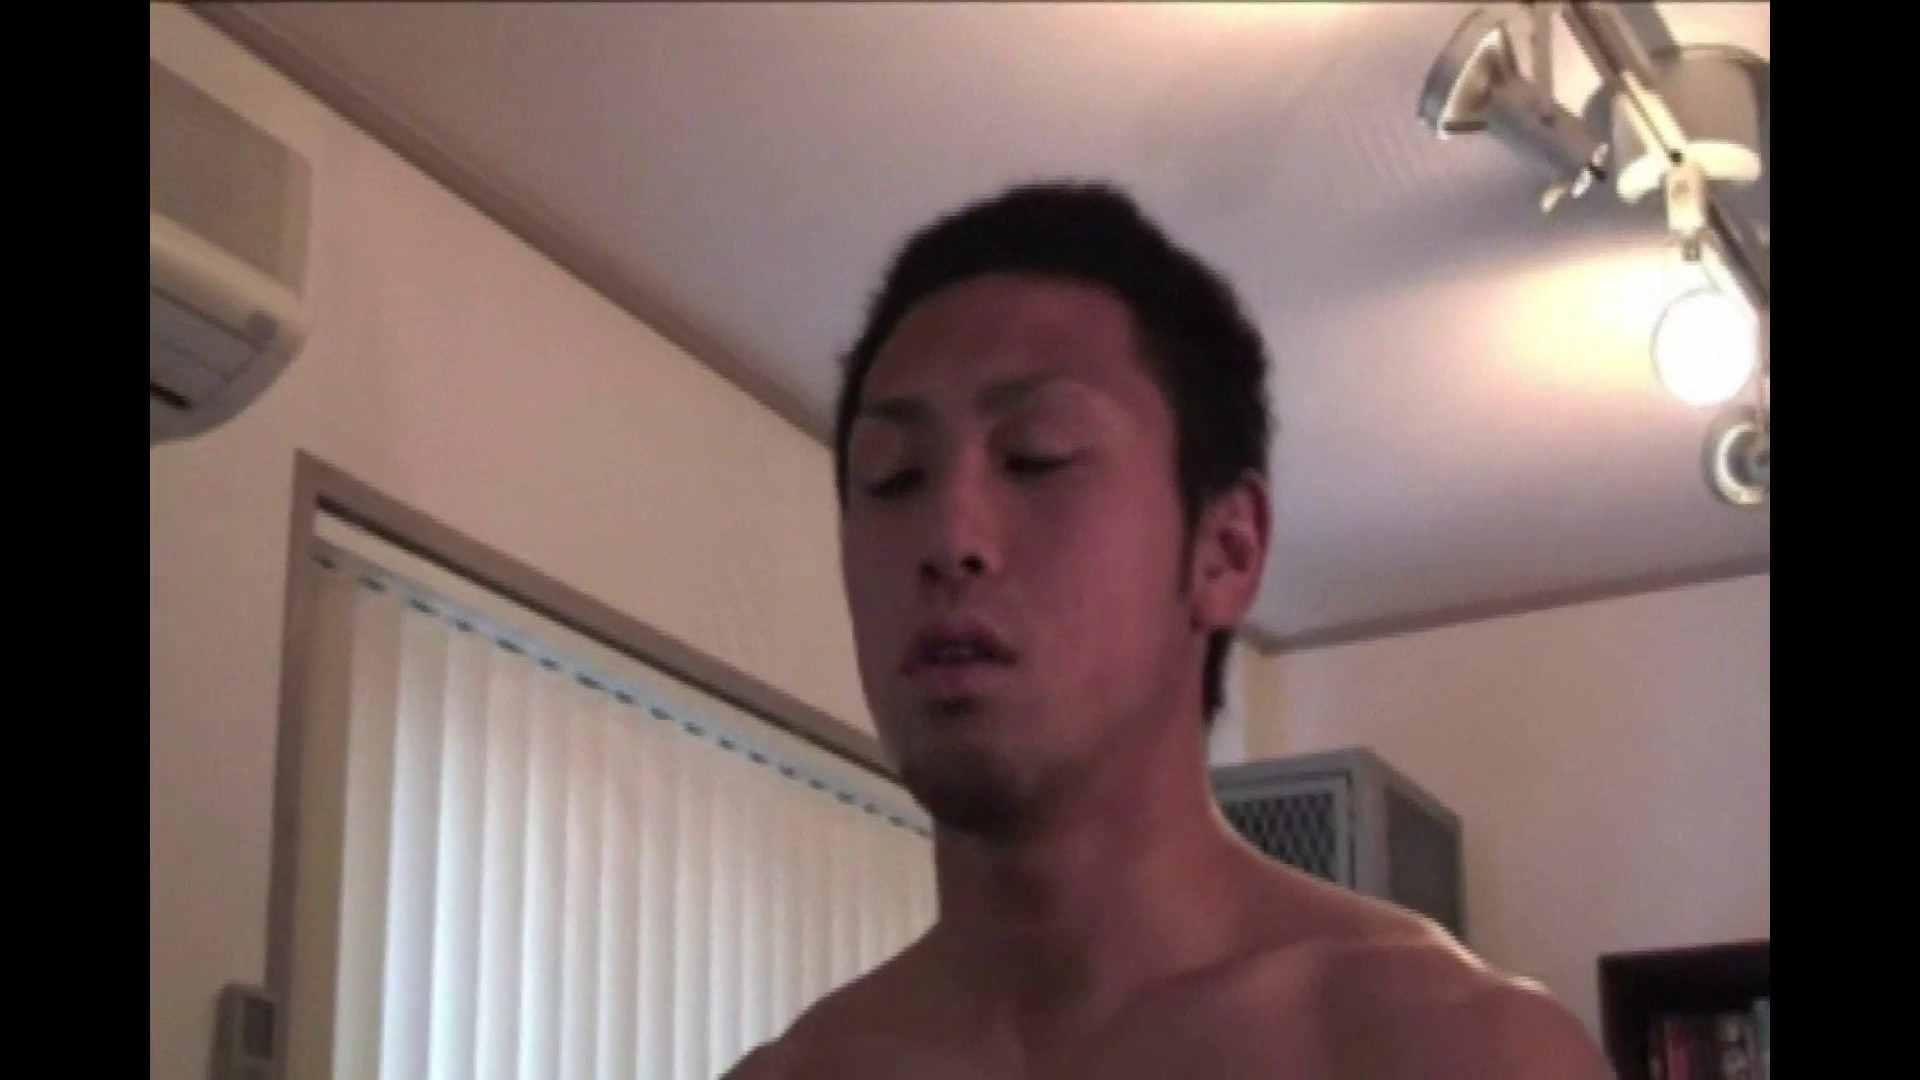 イケイケMEN'SCLUB vol.45 フェラ天国 ゲイエロビデオ画像 68pic 54